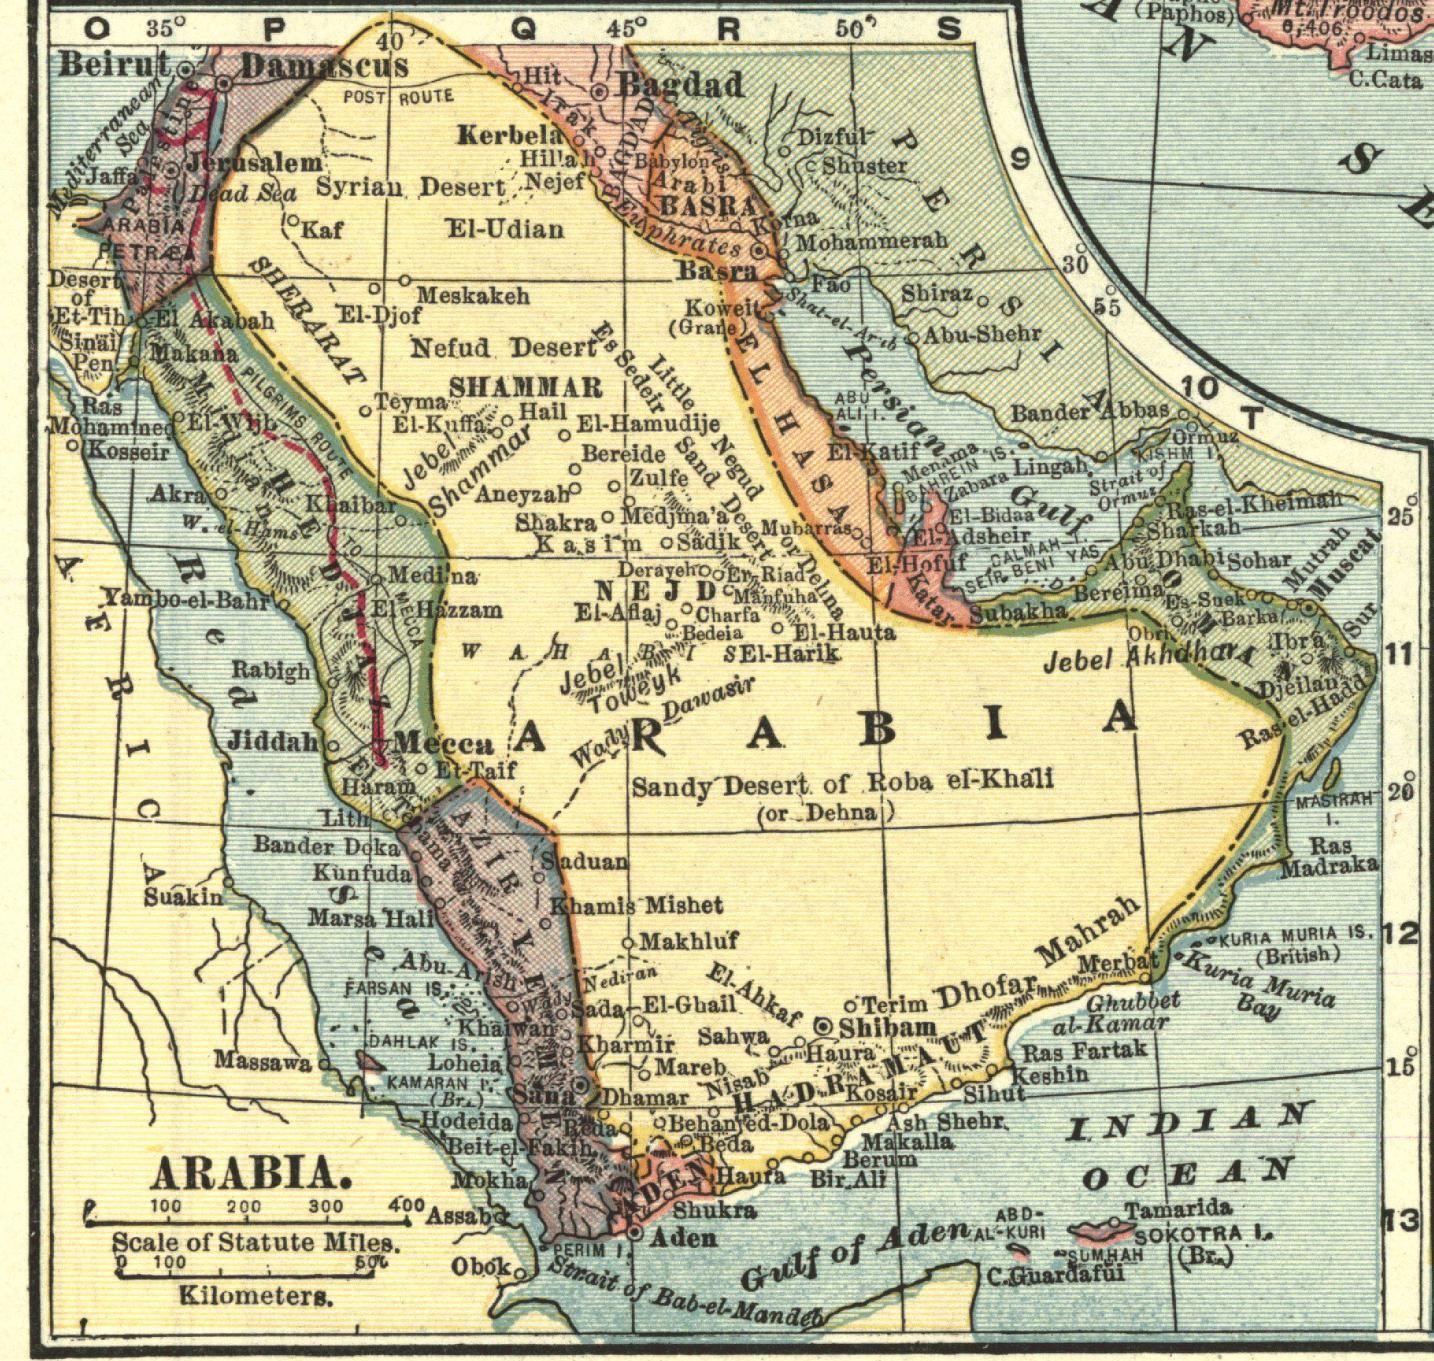 arabian peninsula arabian peninsula uae yemen oman